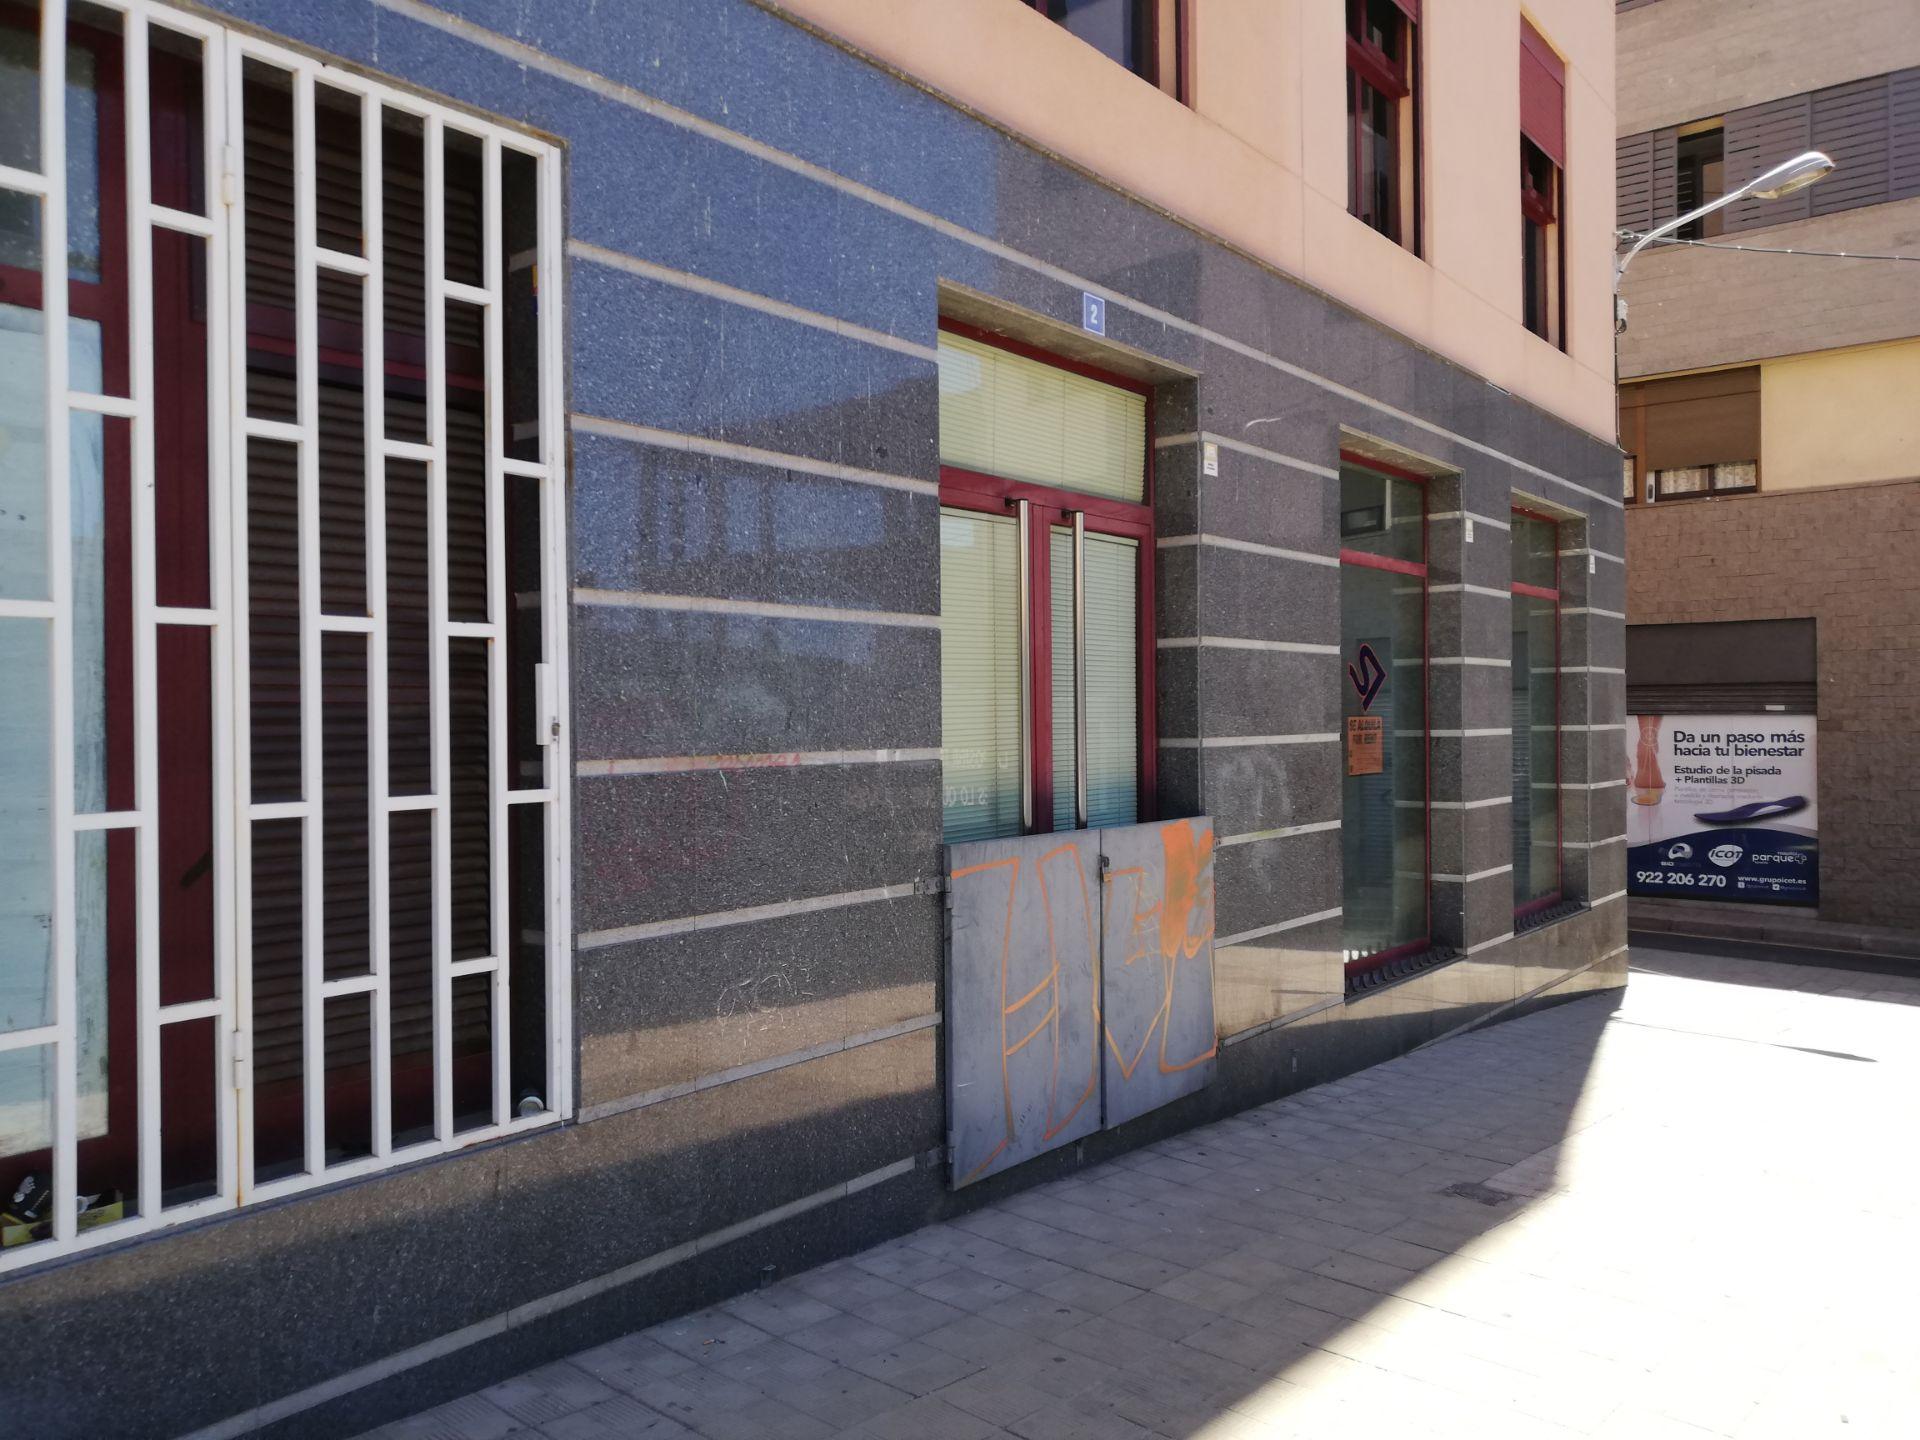 Oficina en Santa Cruz de Tenerife, Puerta Canseco, venta